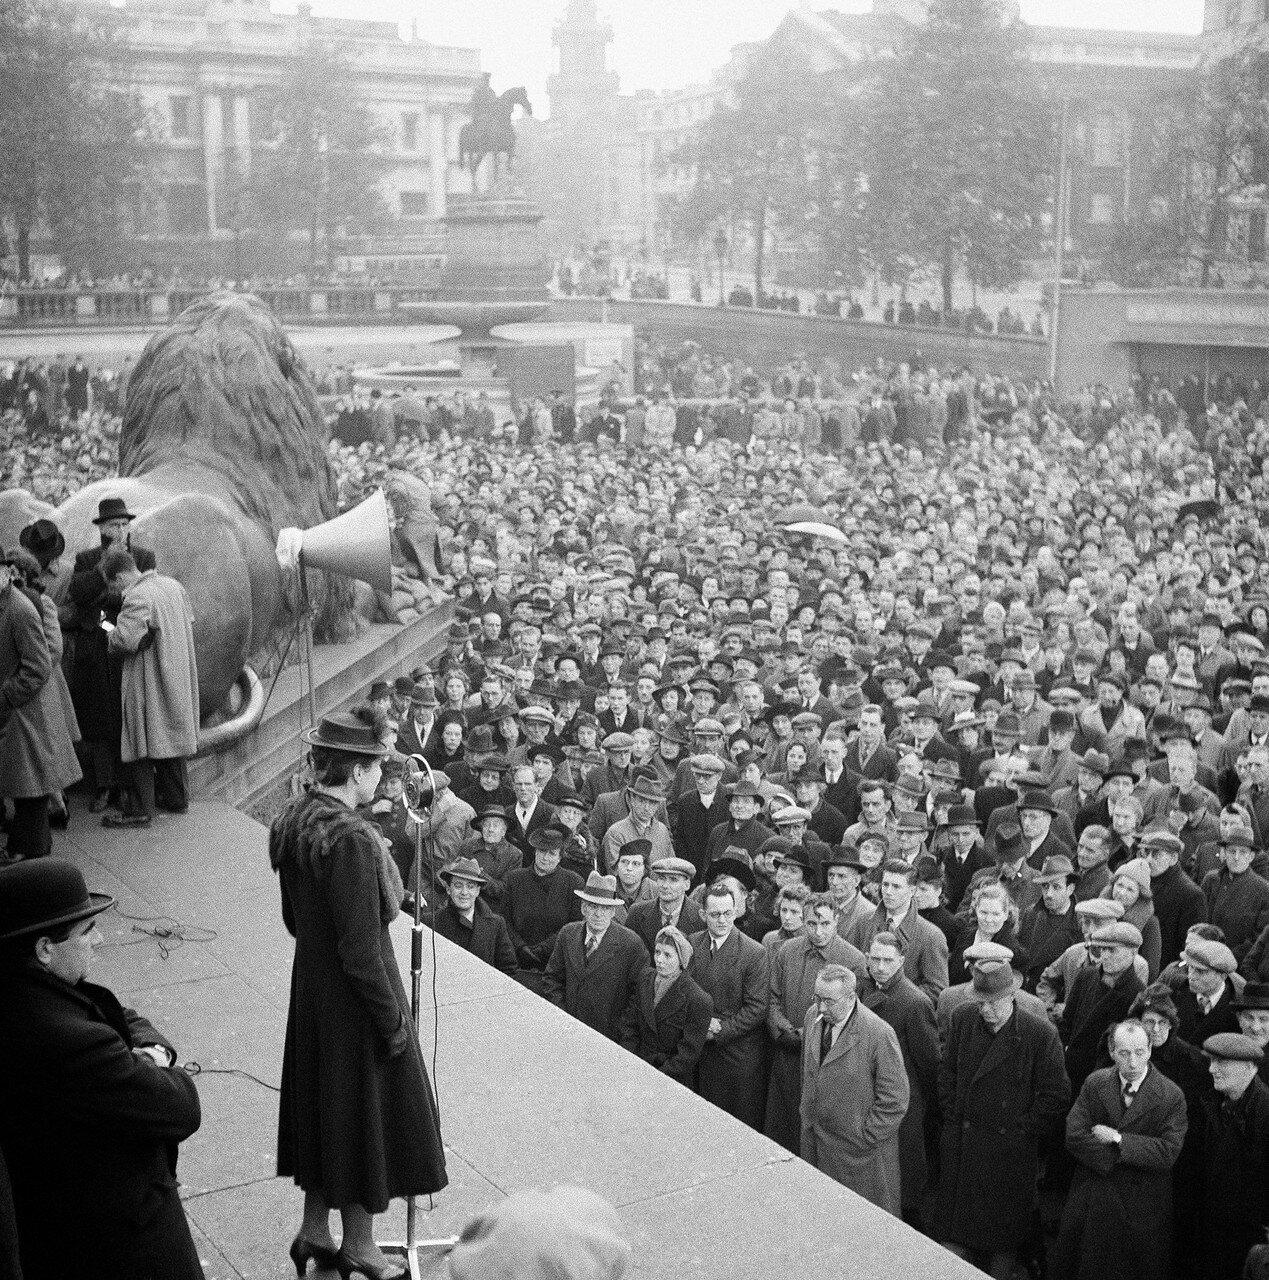 1941. 19 декабря. Массовая демонстрацию в поддержку Советского Союза